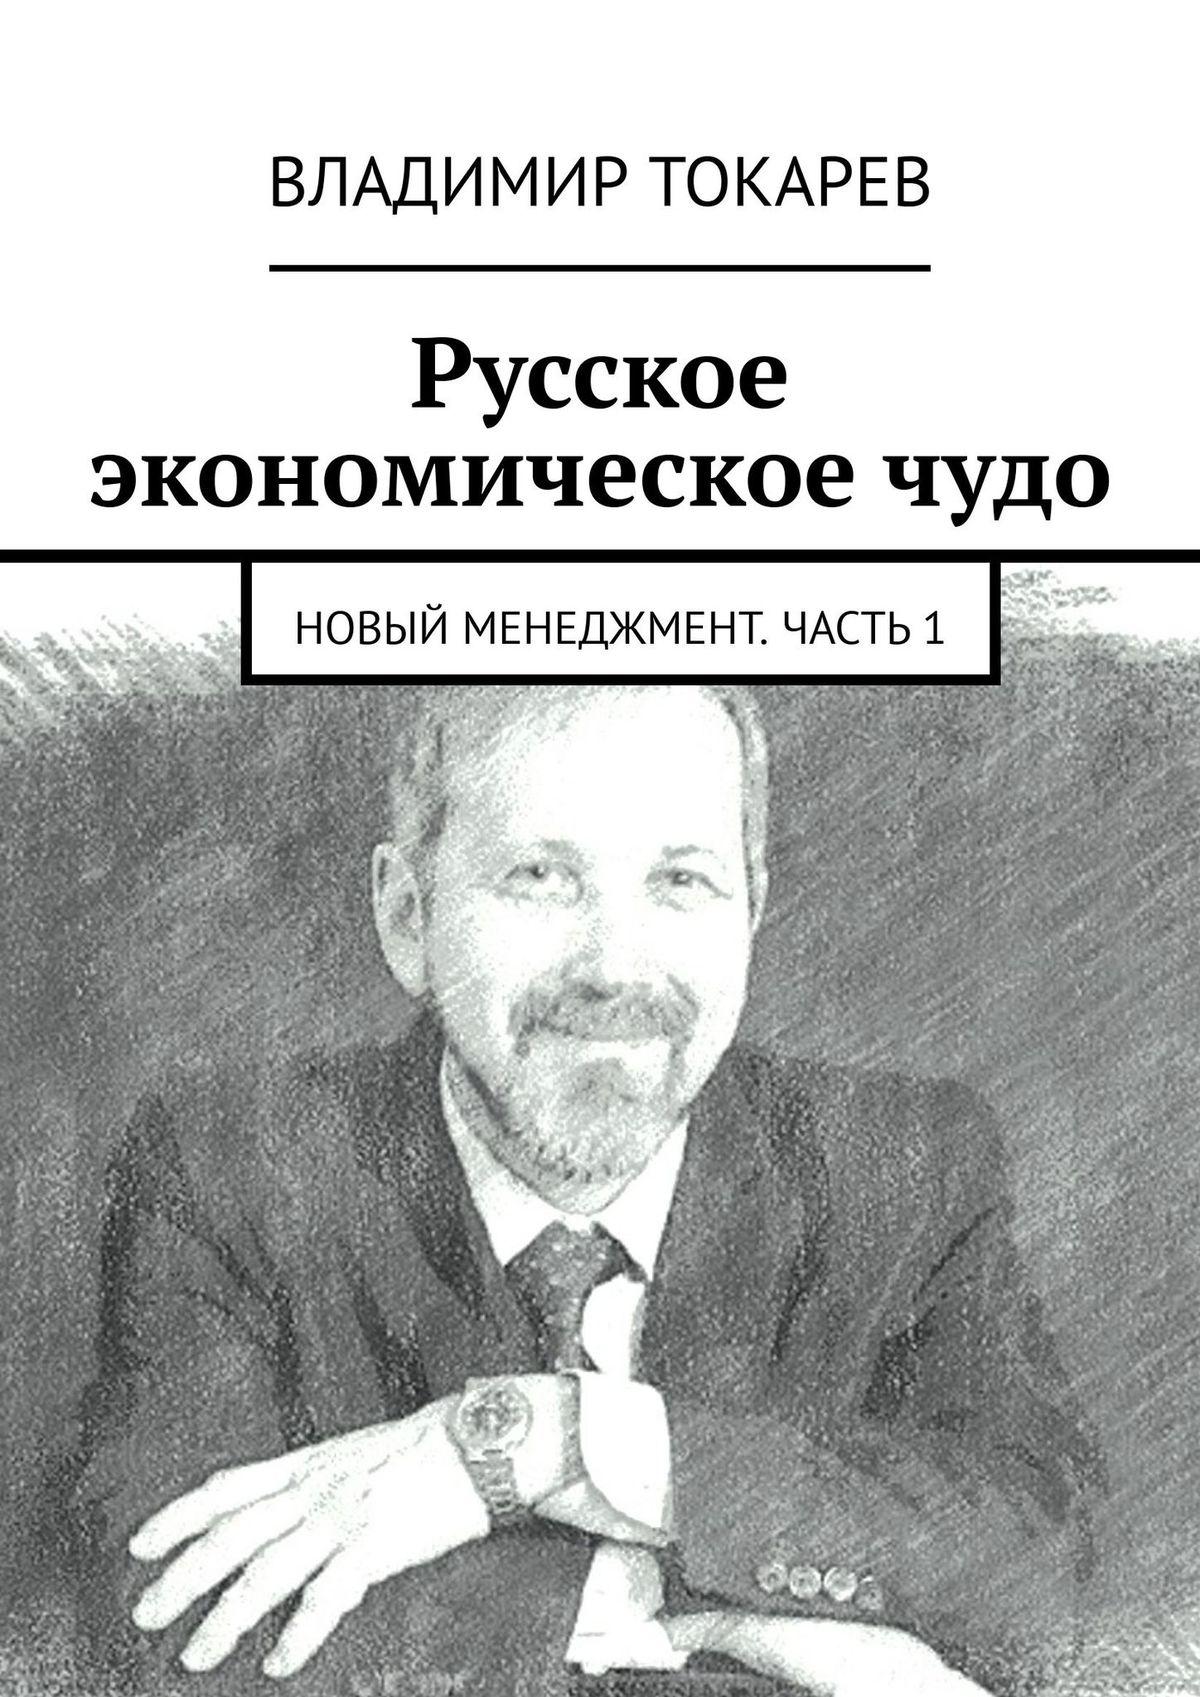 Владимир Токарев Новый менеджмент. Часть 1